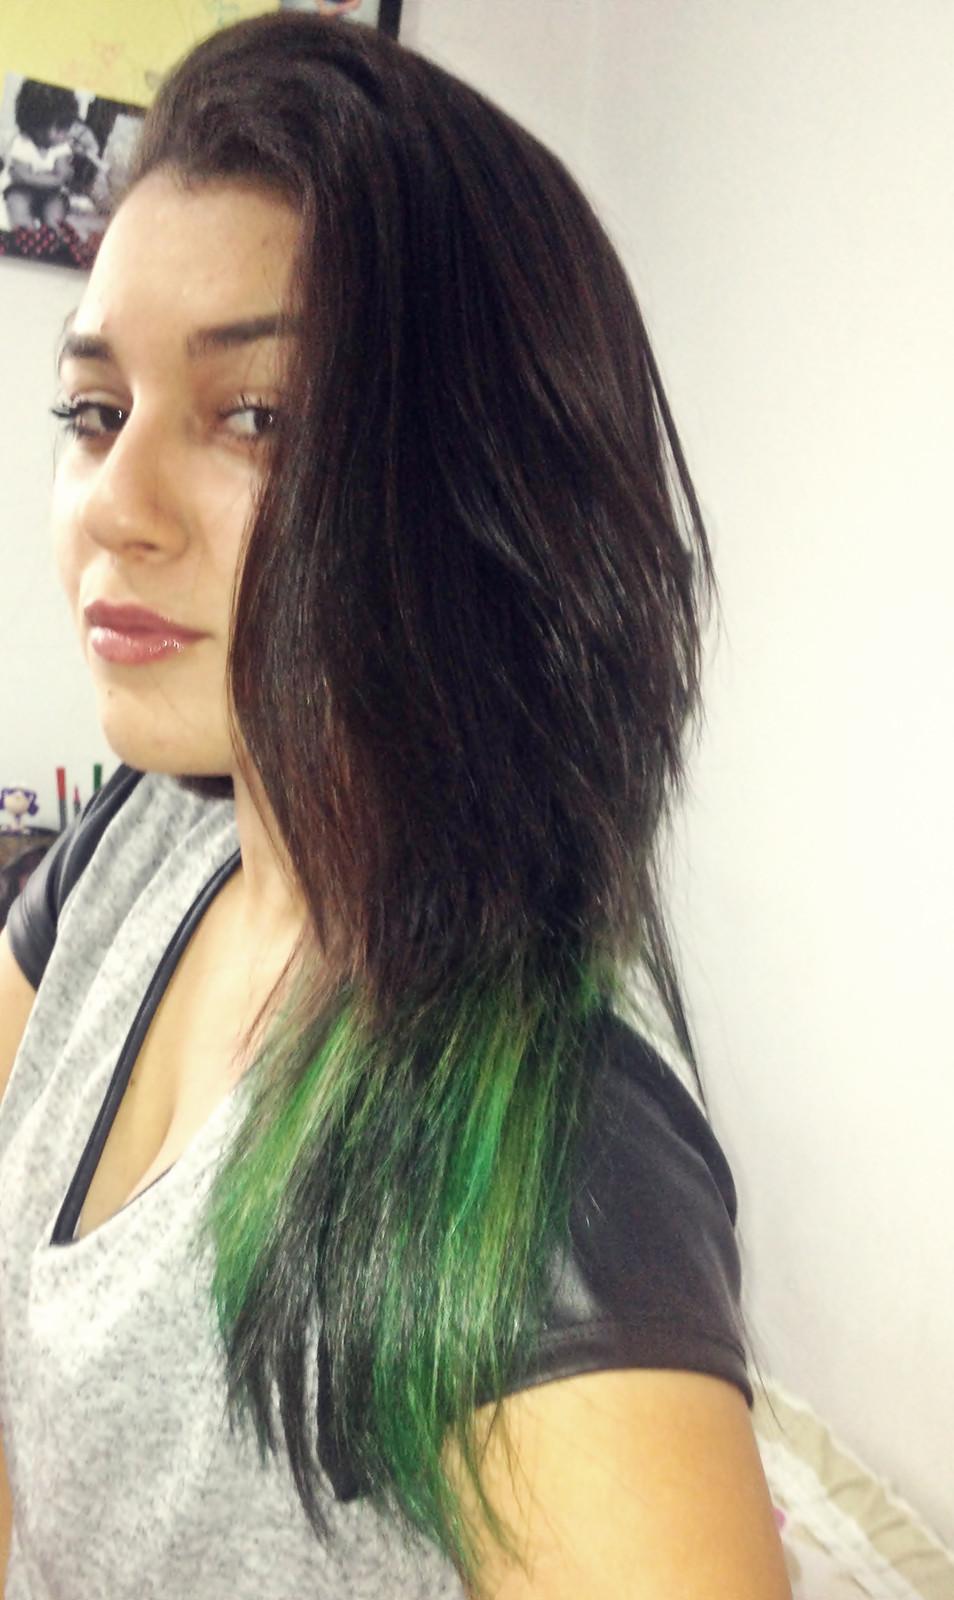 Há Meu cabelo  Verde